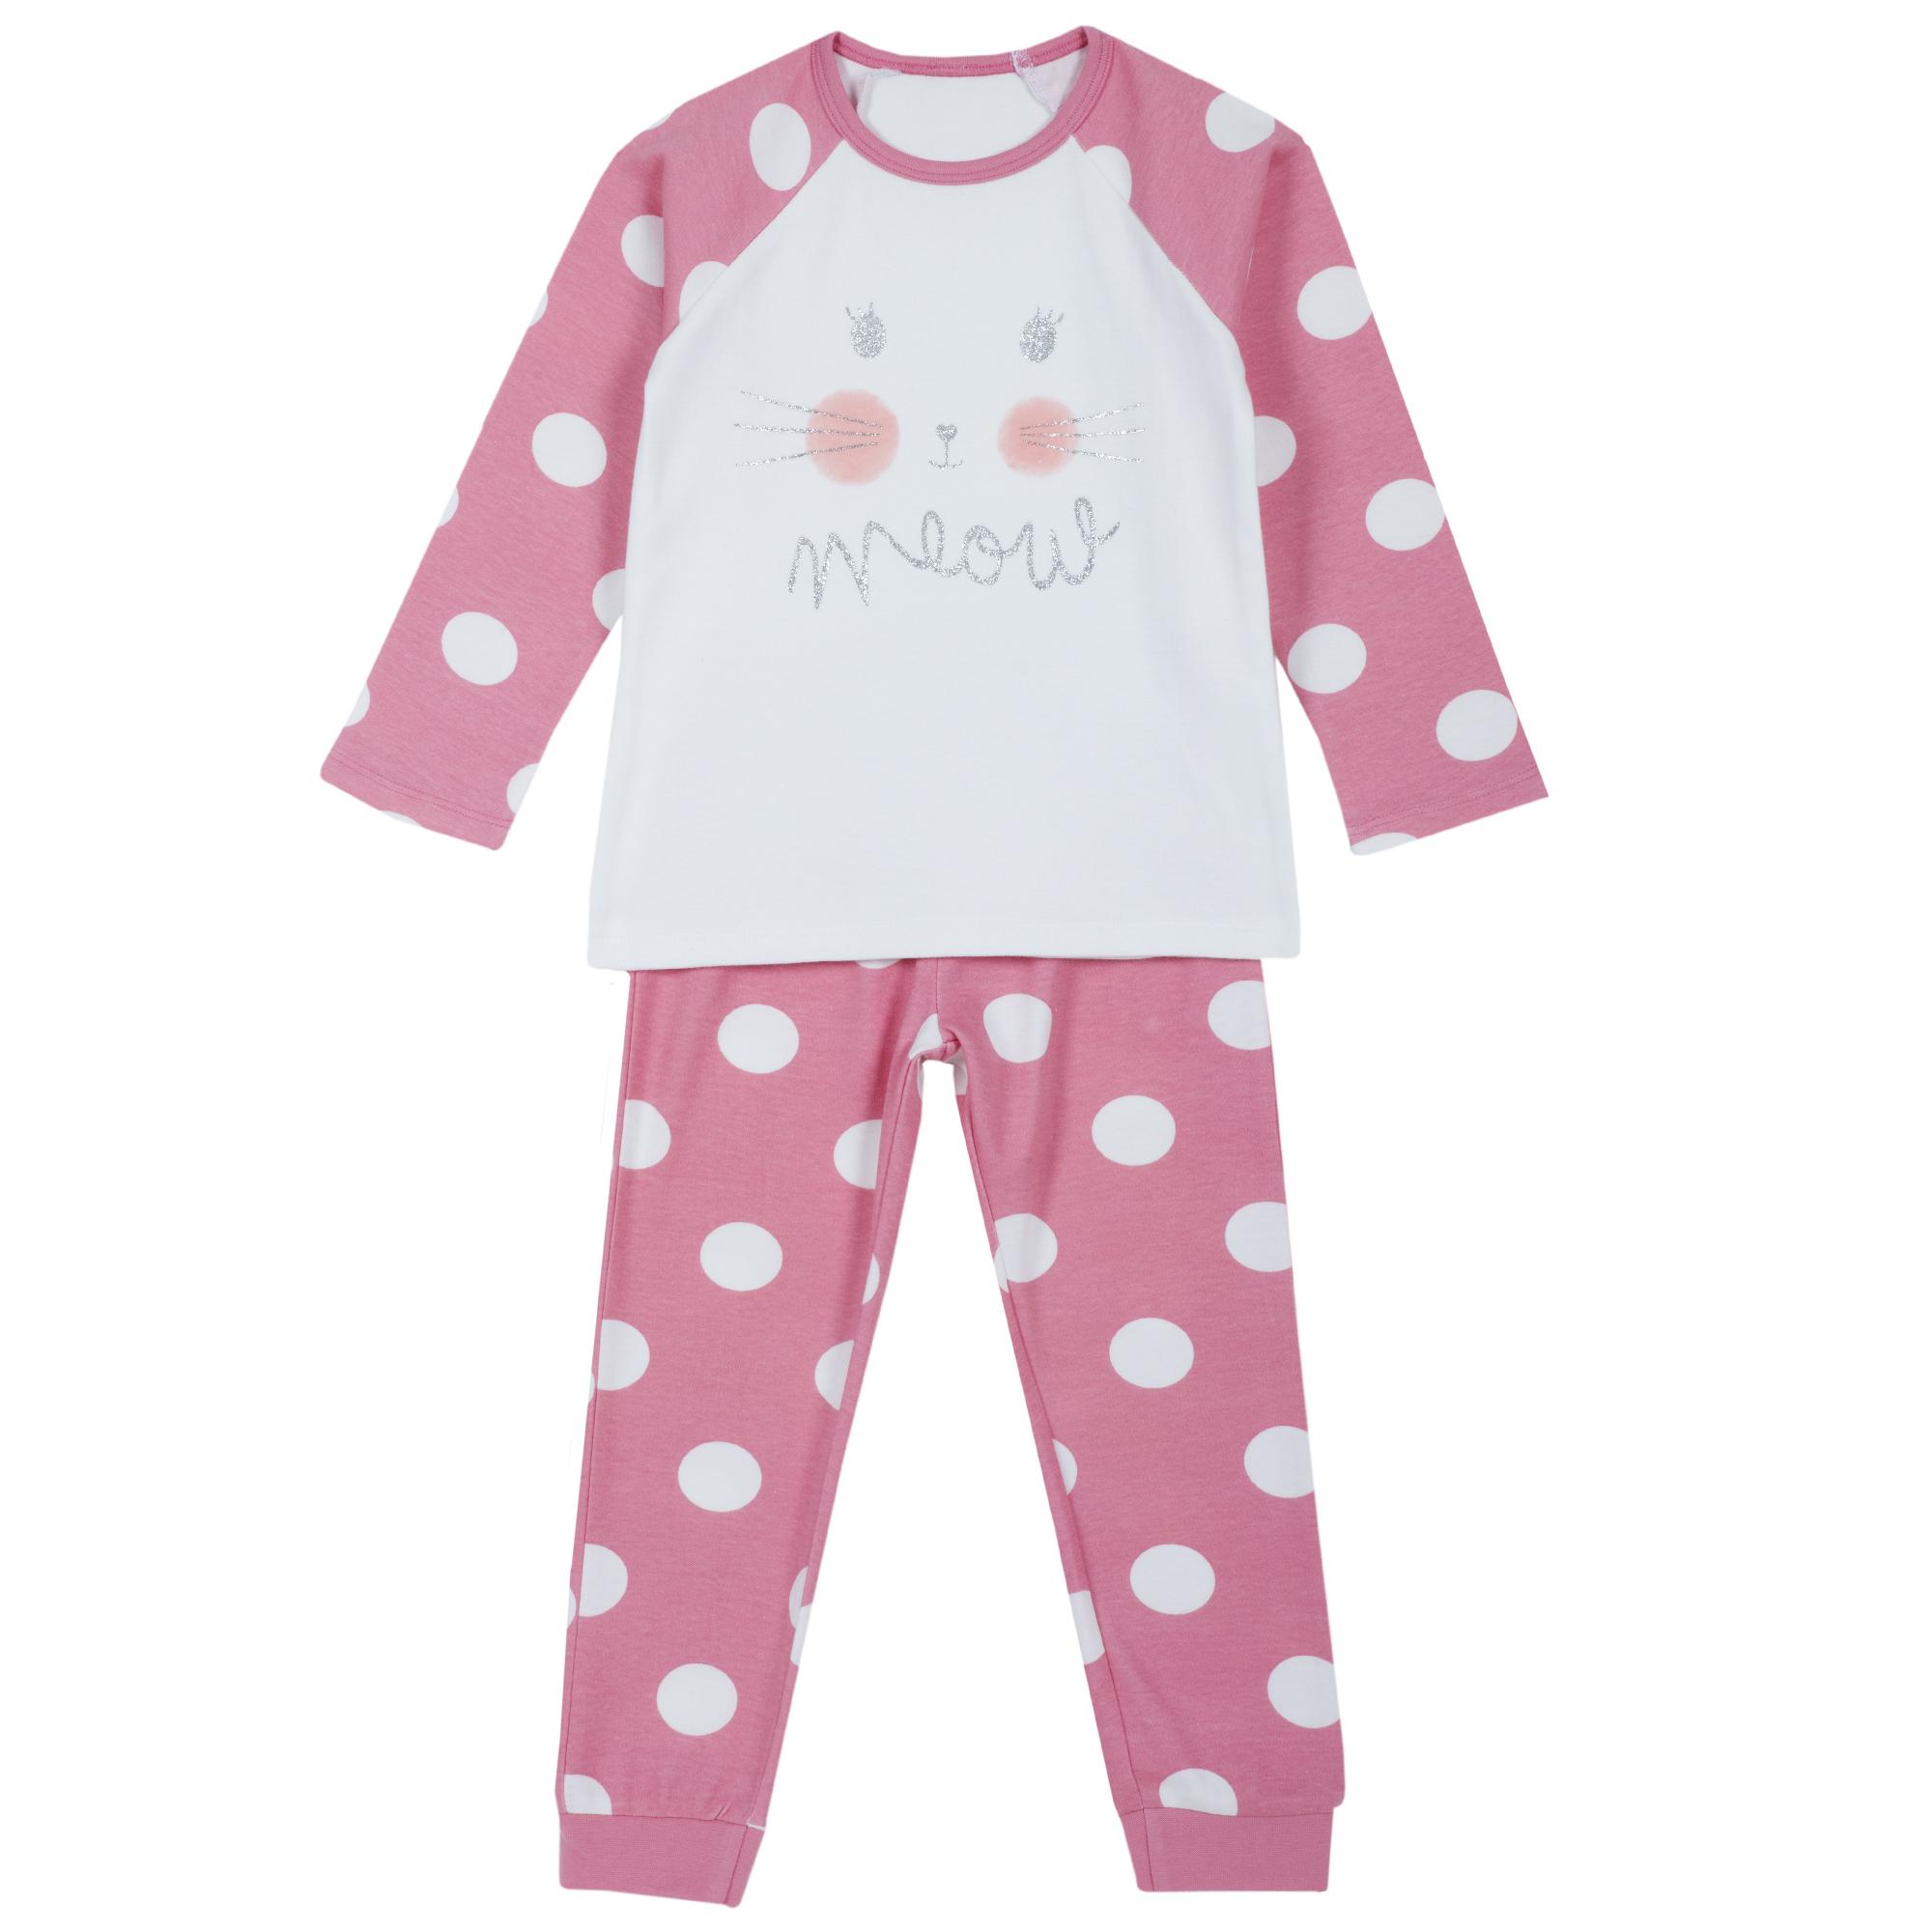 Pijama Copii Preturi Rezultate Pijama Copii Lista Produse Preturi